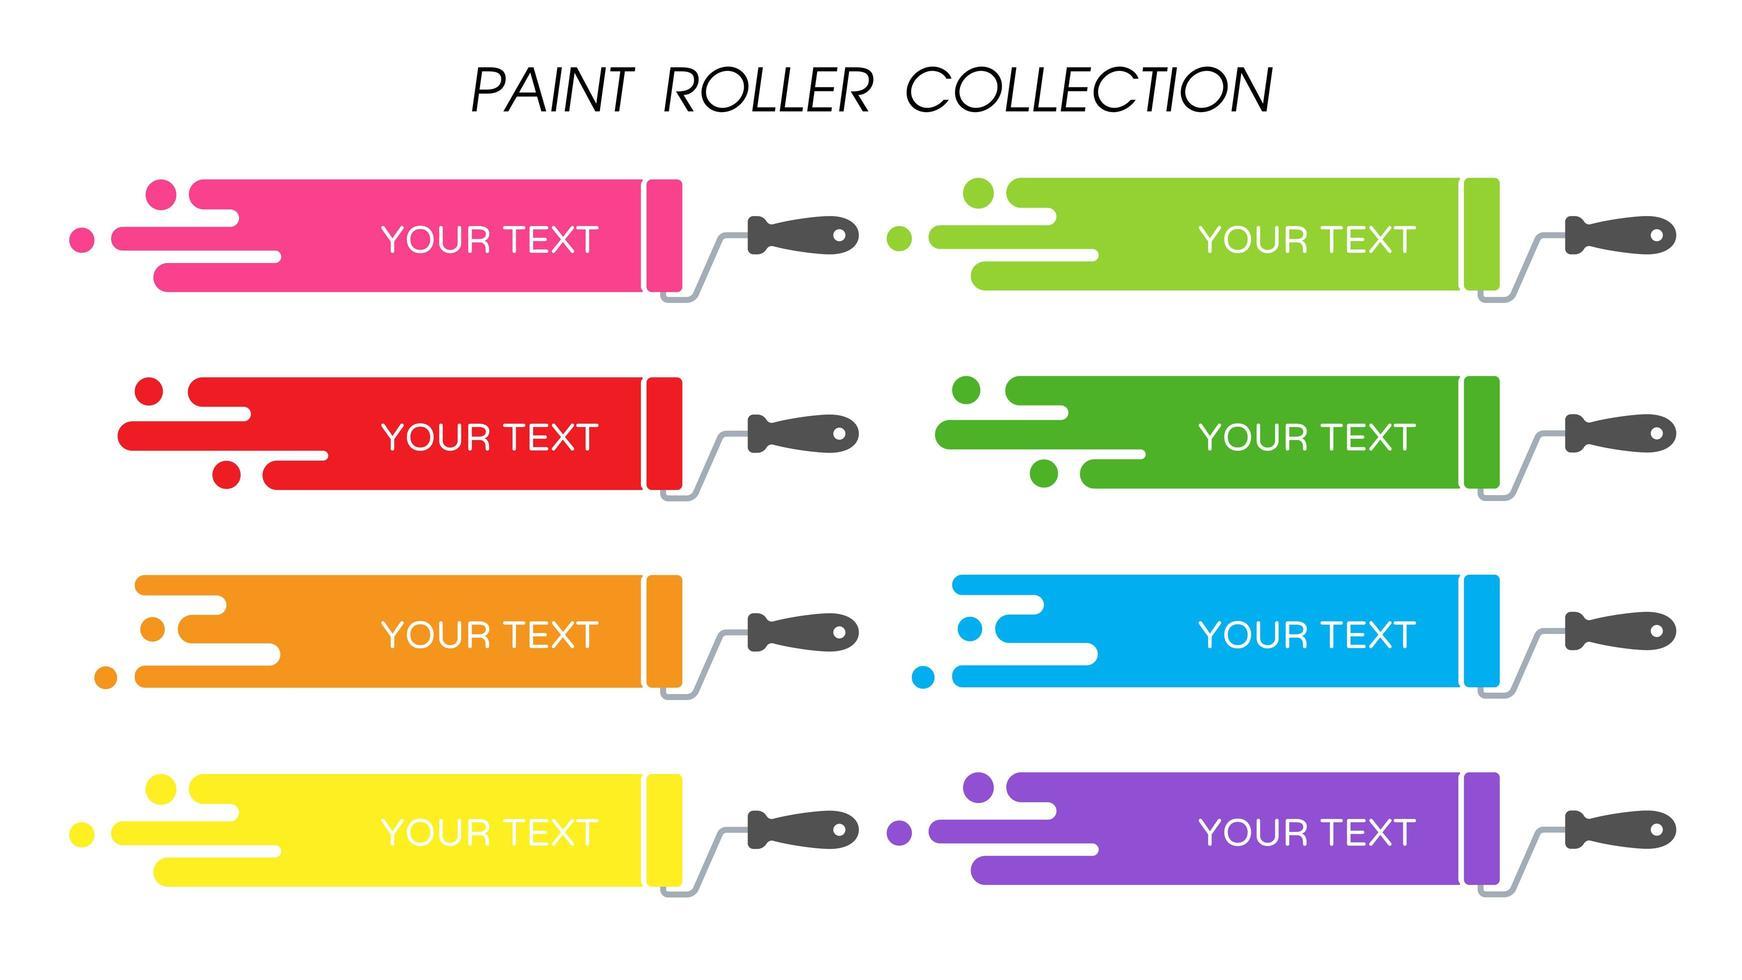 ensemble de rouleaux de peinture colorée vecteur